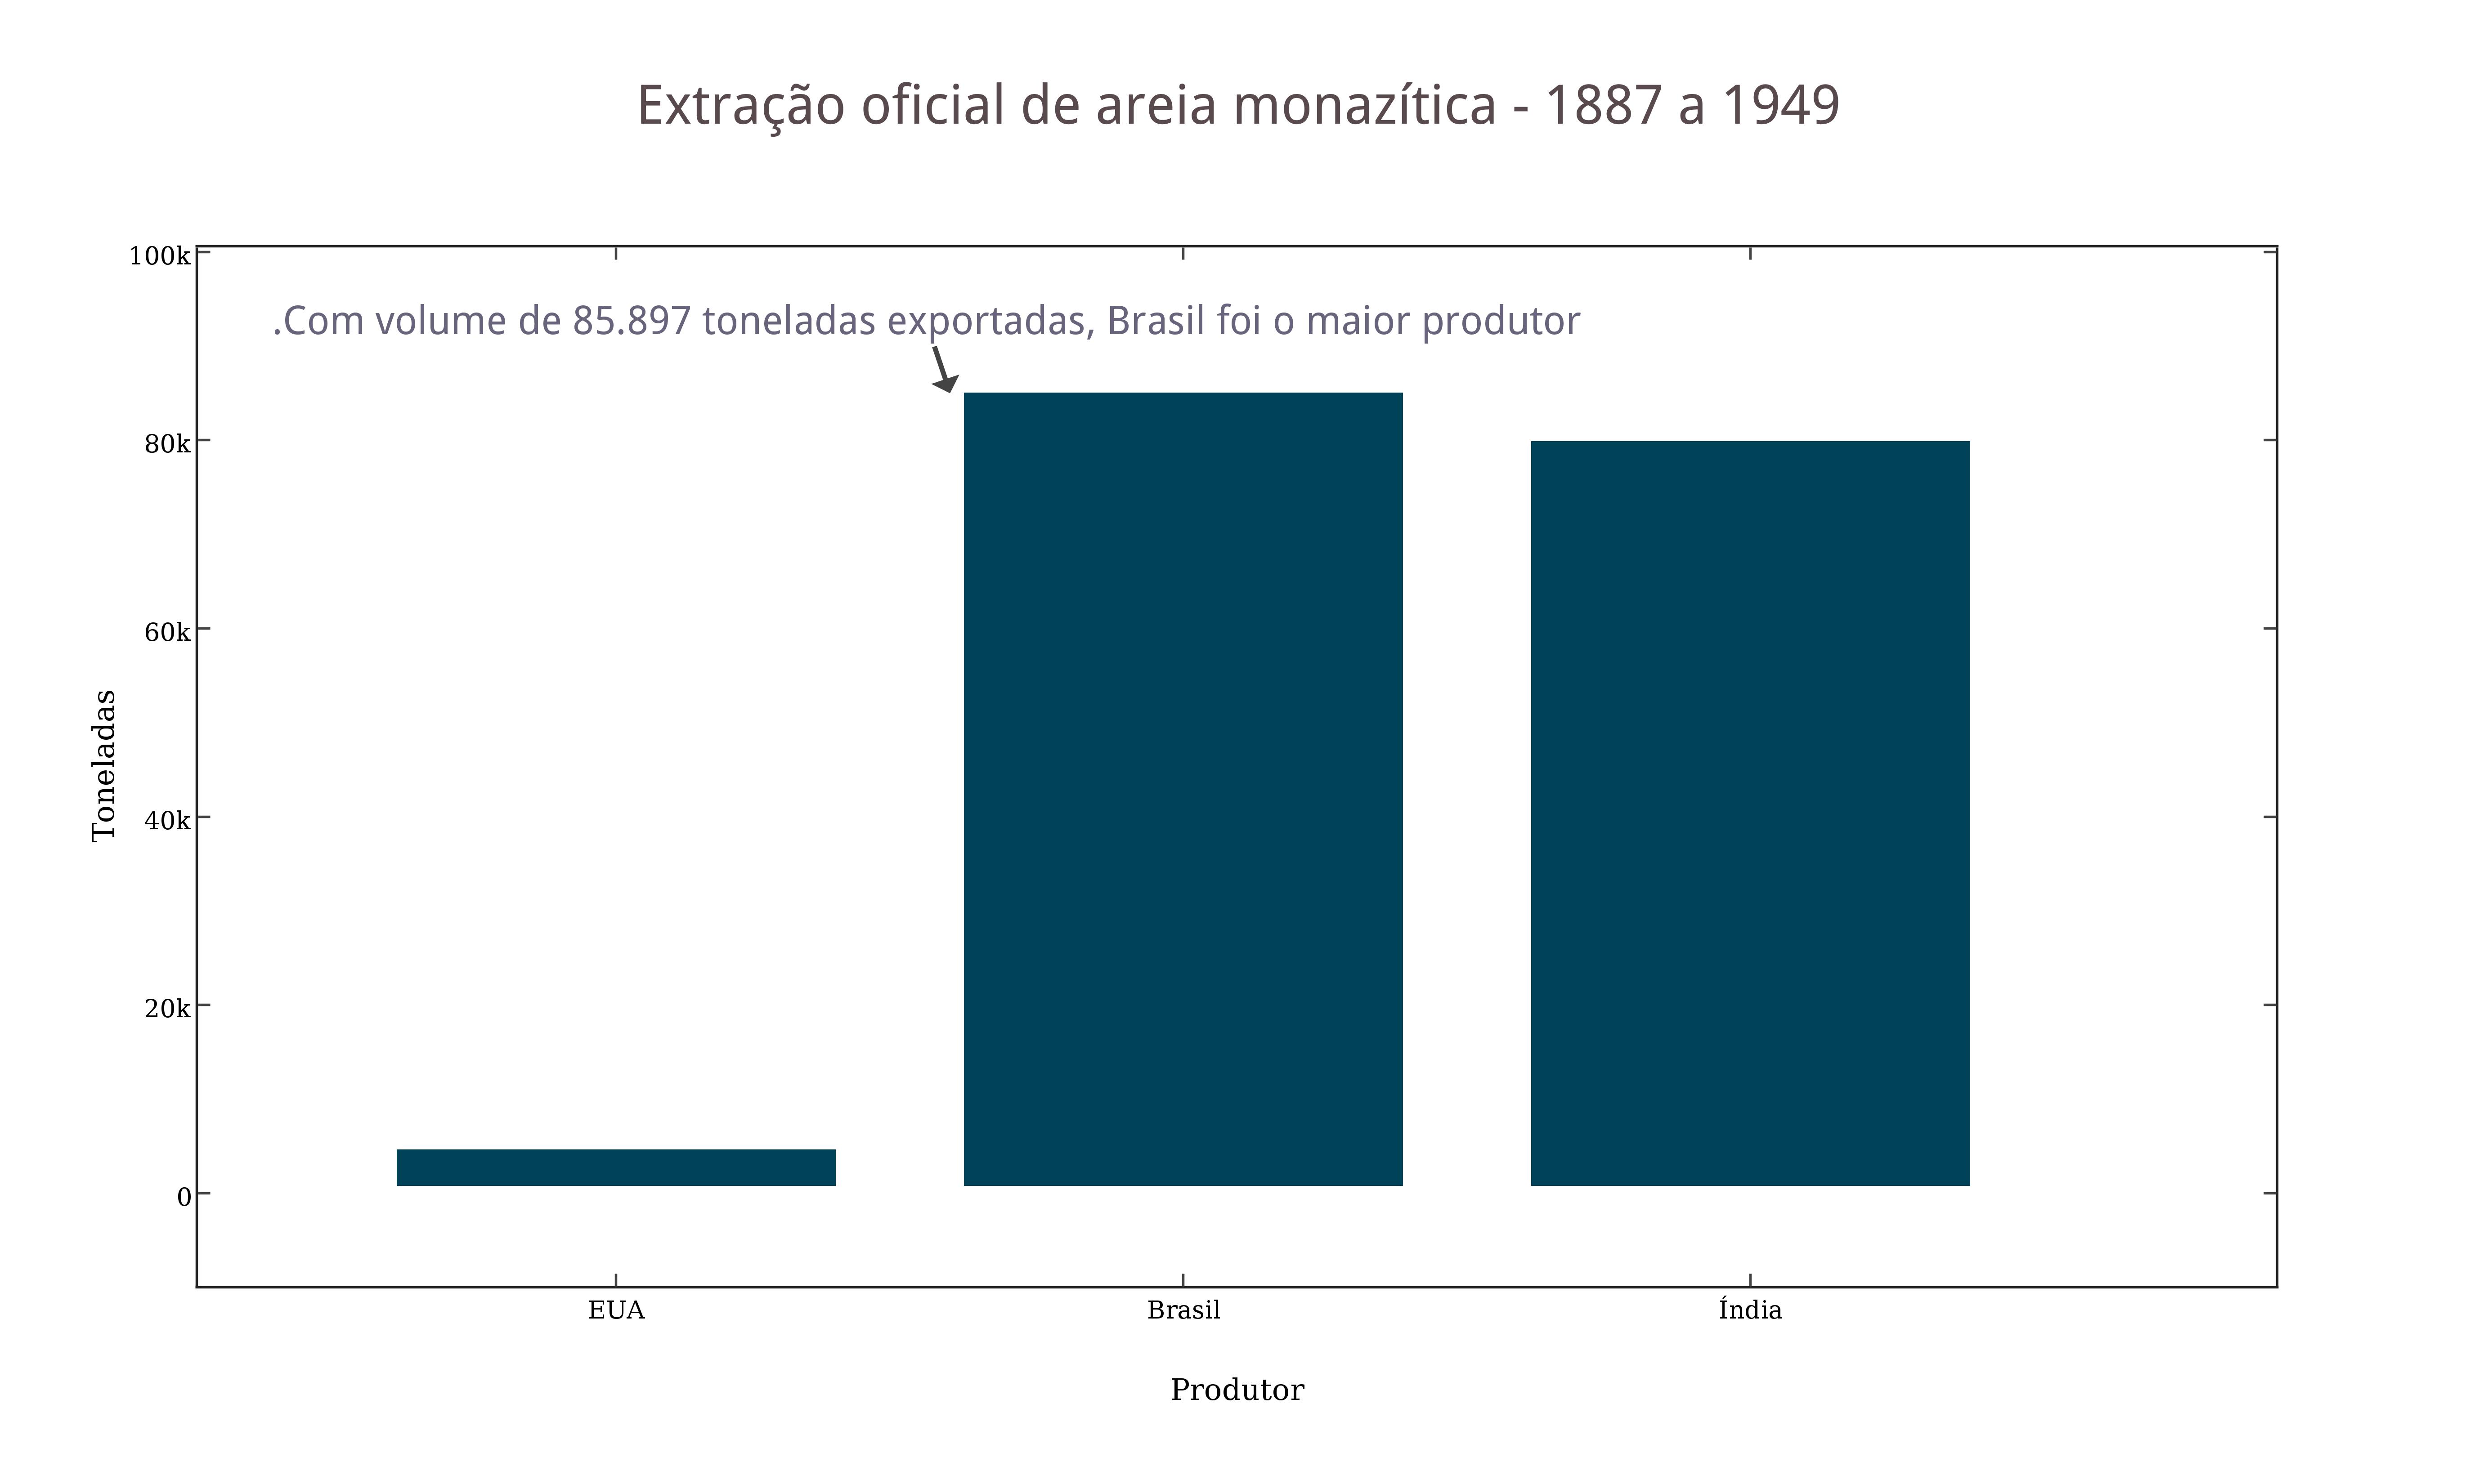 Extração oficial de areia monazítica - 1887 a 1949